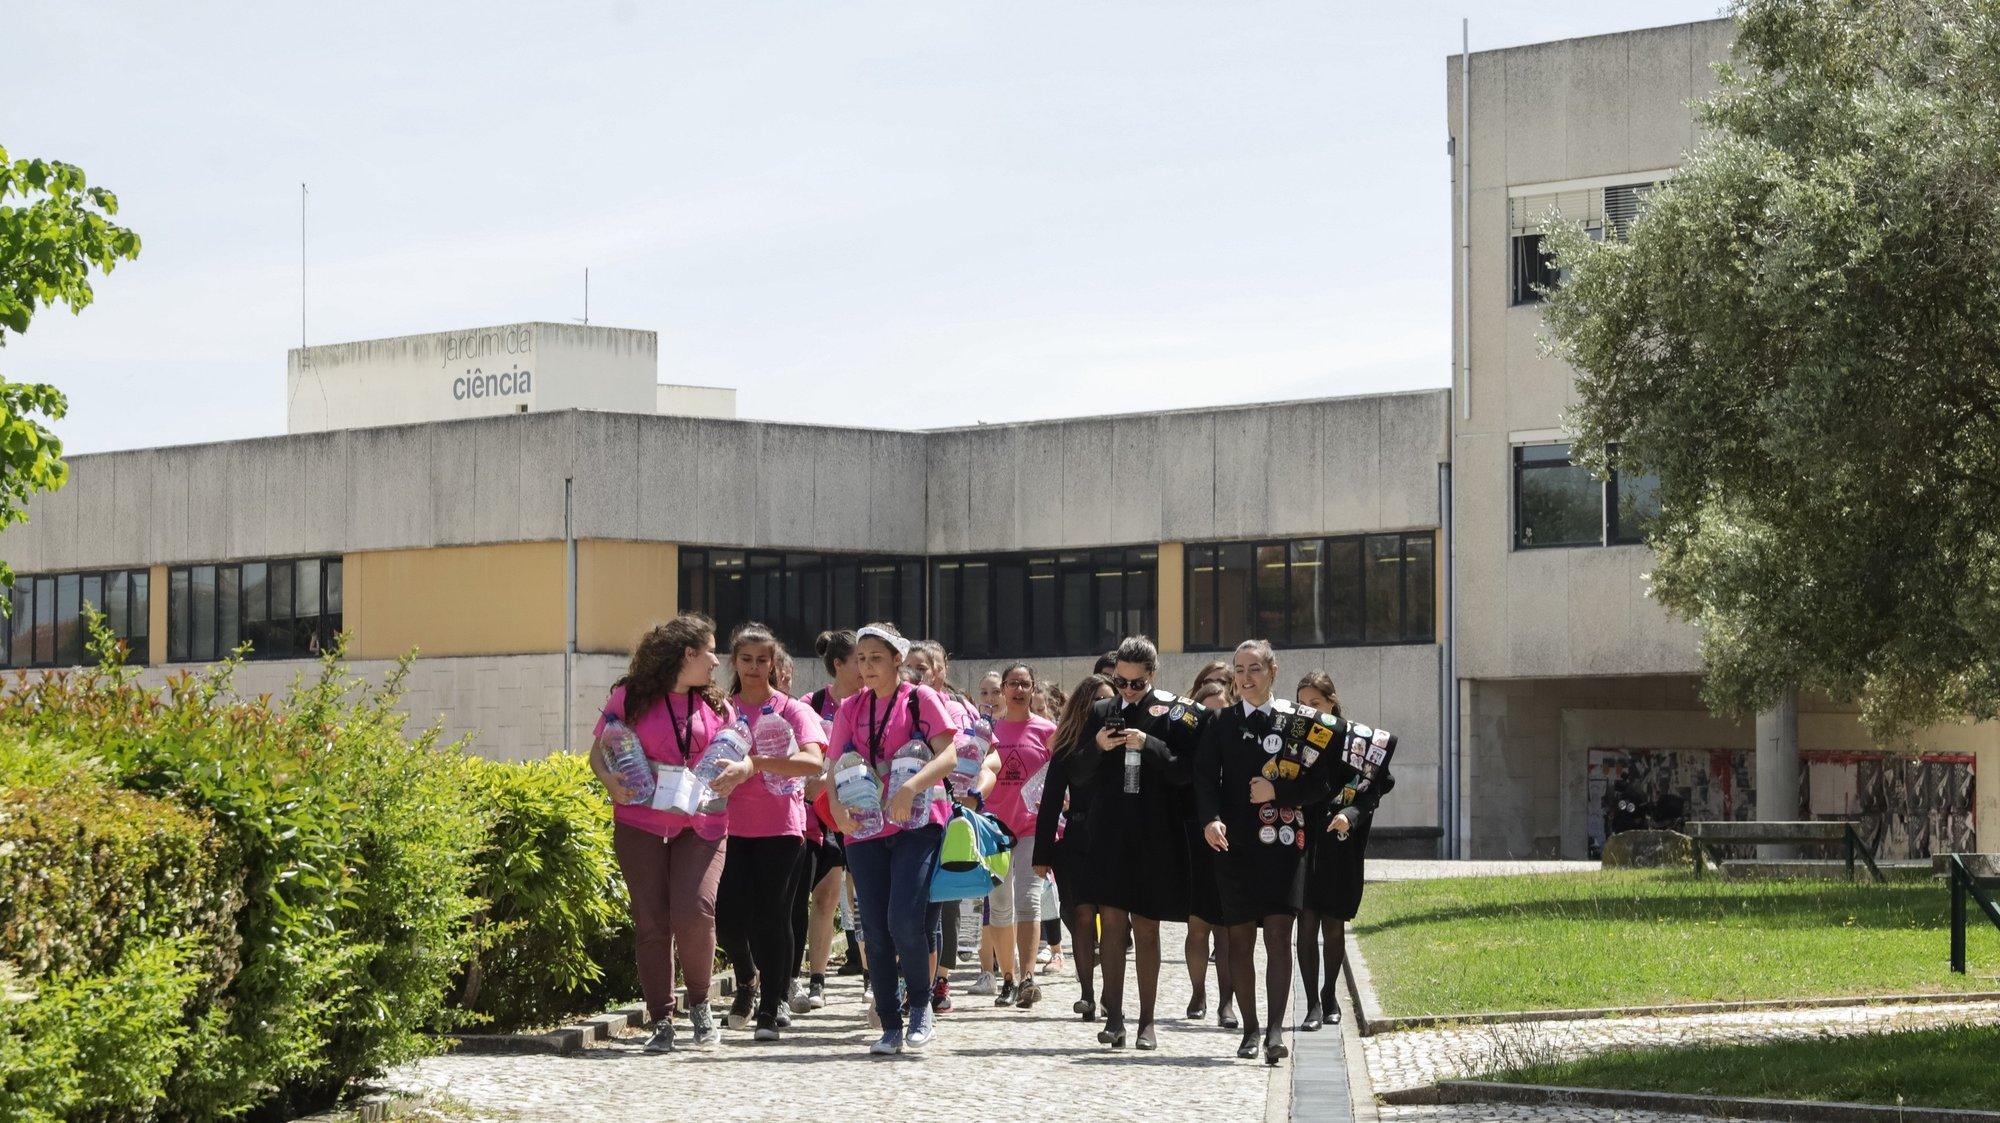 Alunos da Universidade de Aveiro, 3 de maio de 2017. PAULO NOVAIS/LUSA